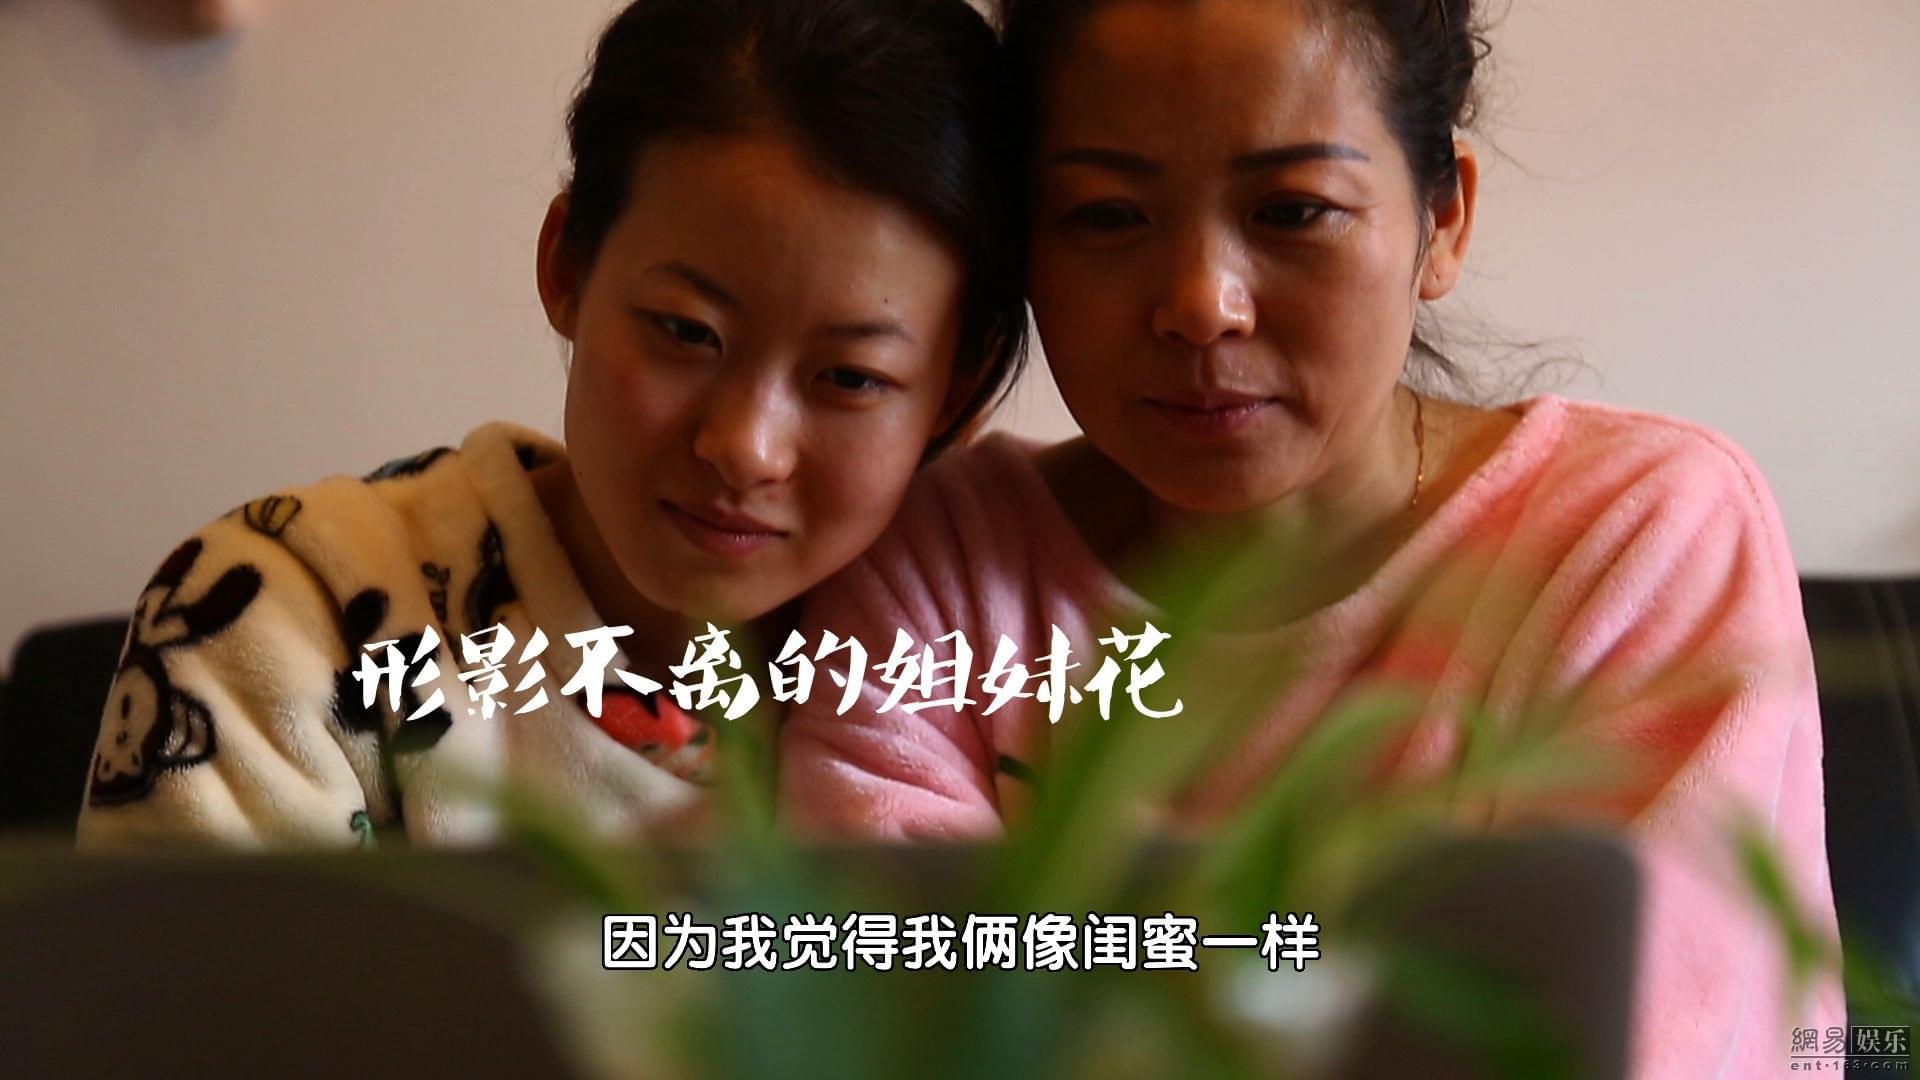 北京卫视《暖暖的新家》第五季首播 花瓶变智居